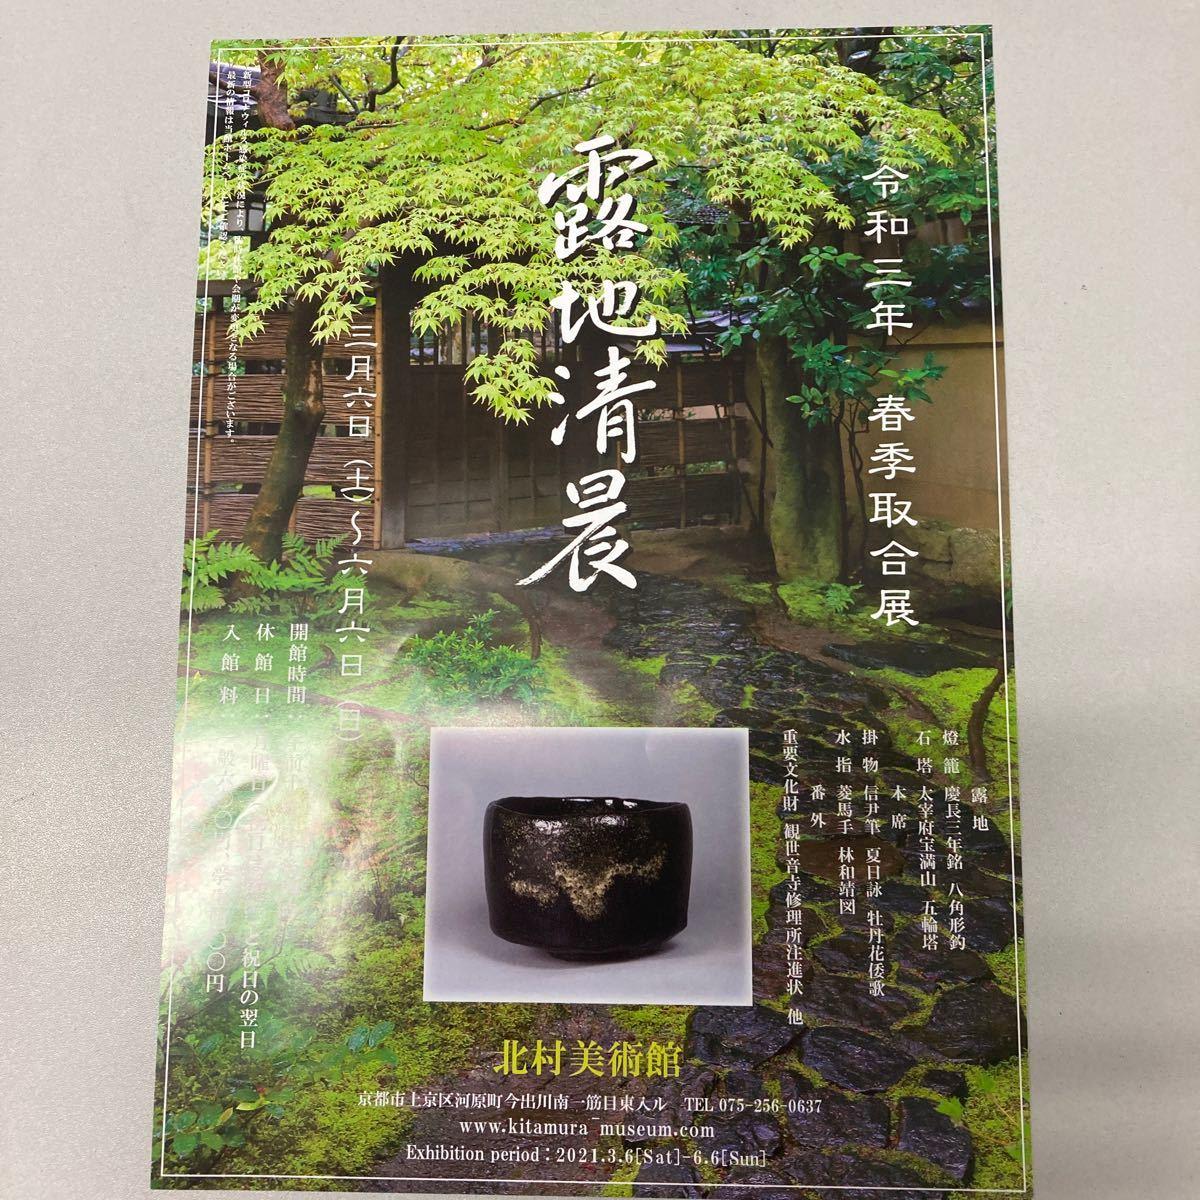 北村美術館◆露地清晨 ペア招待券 3/6~_画像1